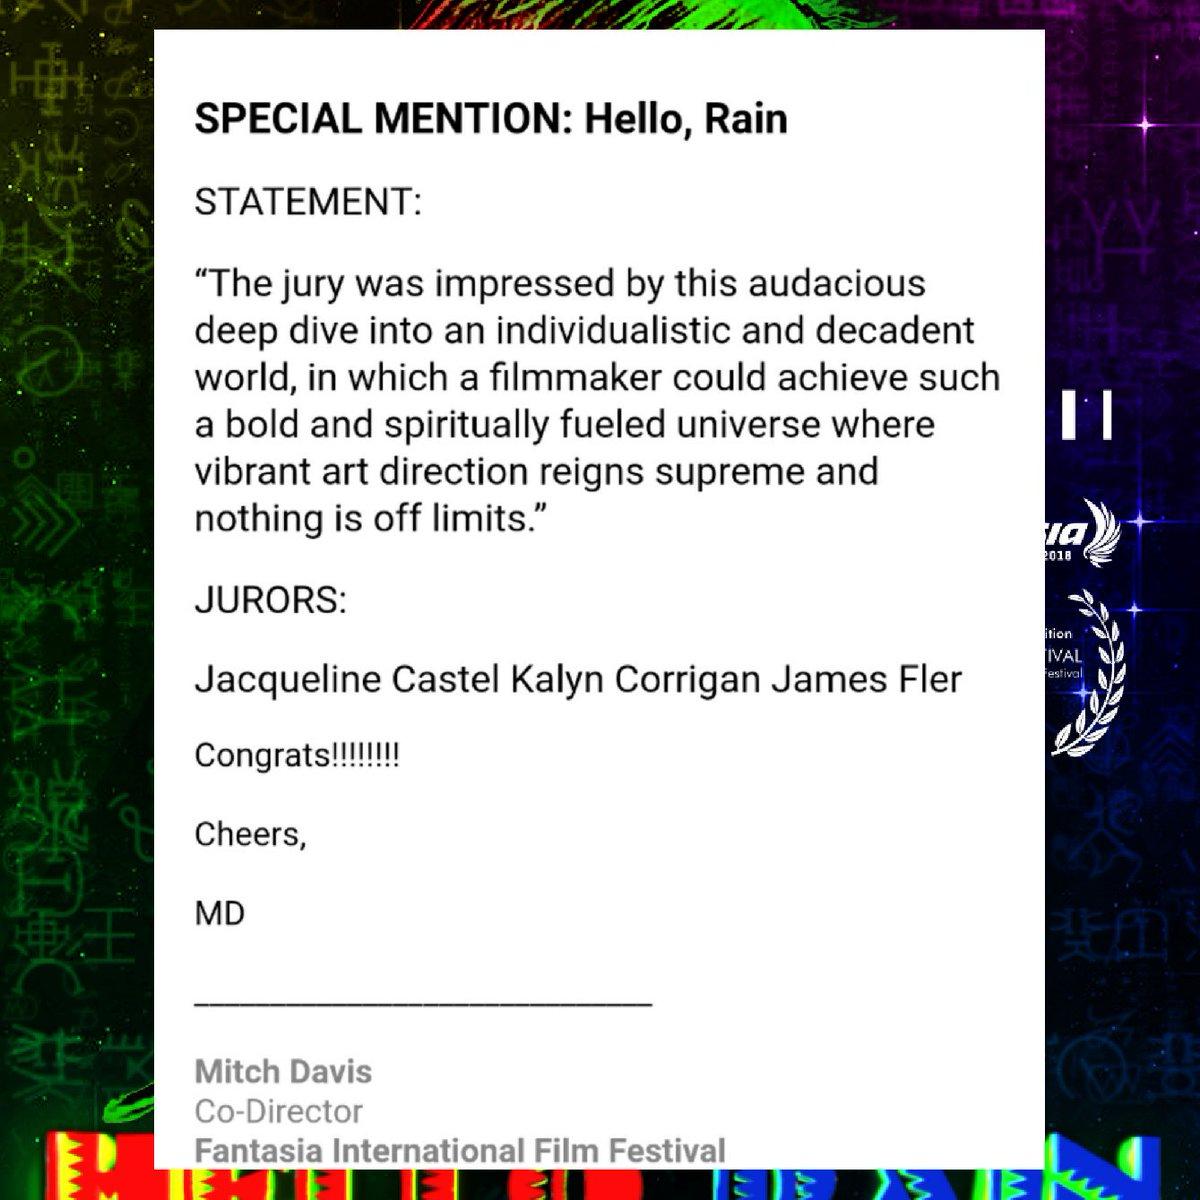 Hello, Rain on Twitter: